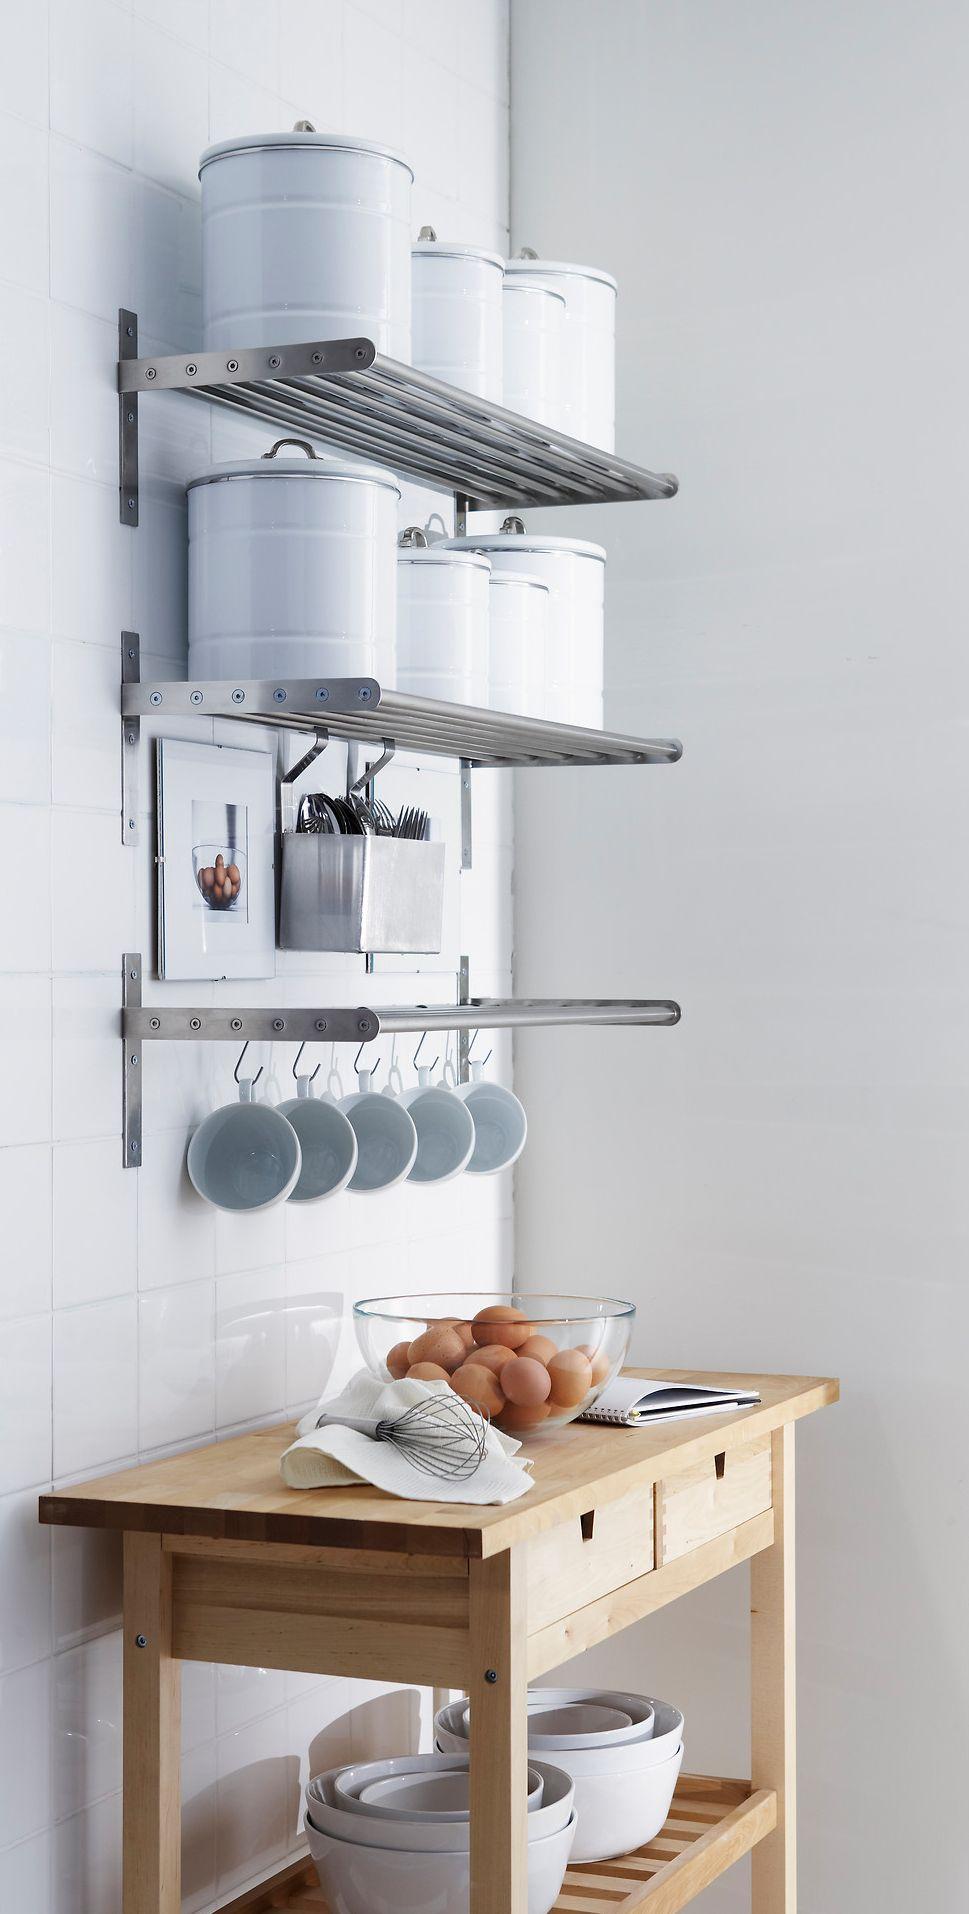 natural ikea kitchen organization ideas | 40 soluciones prácticas y tips para organizar tu cocina